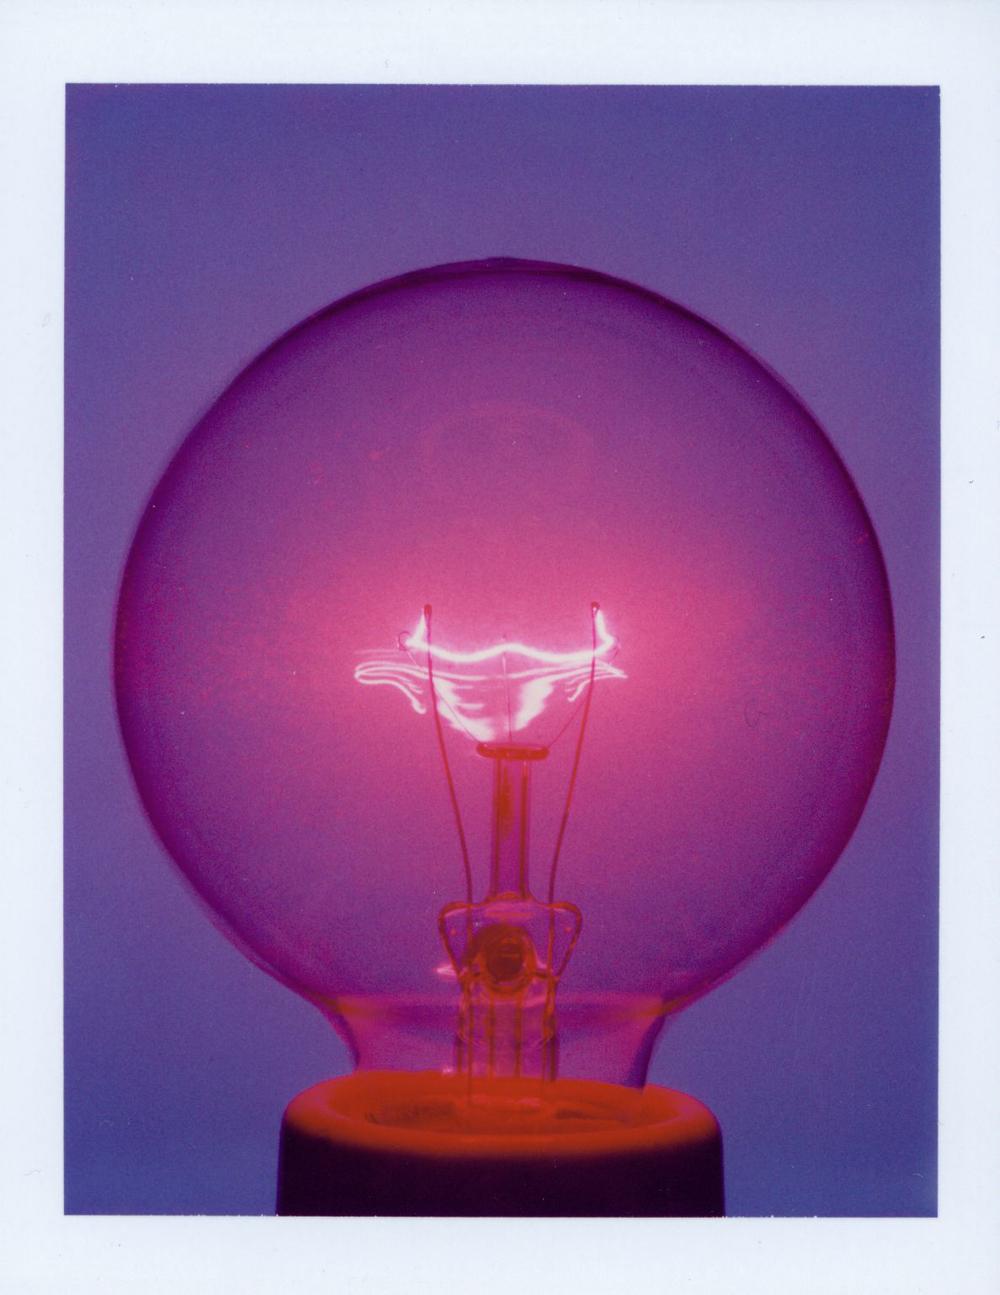 Light Bulb 00102, 2001.jpg